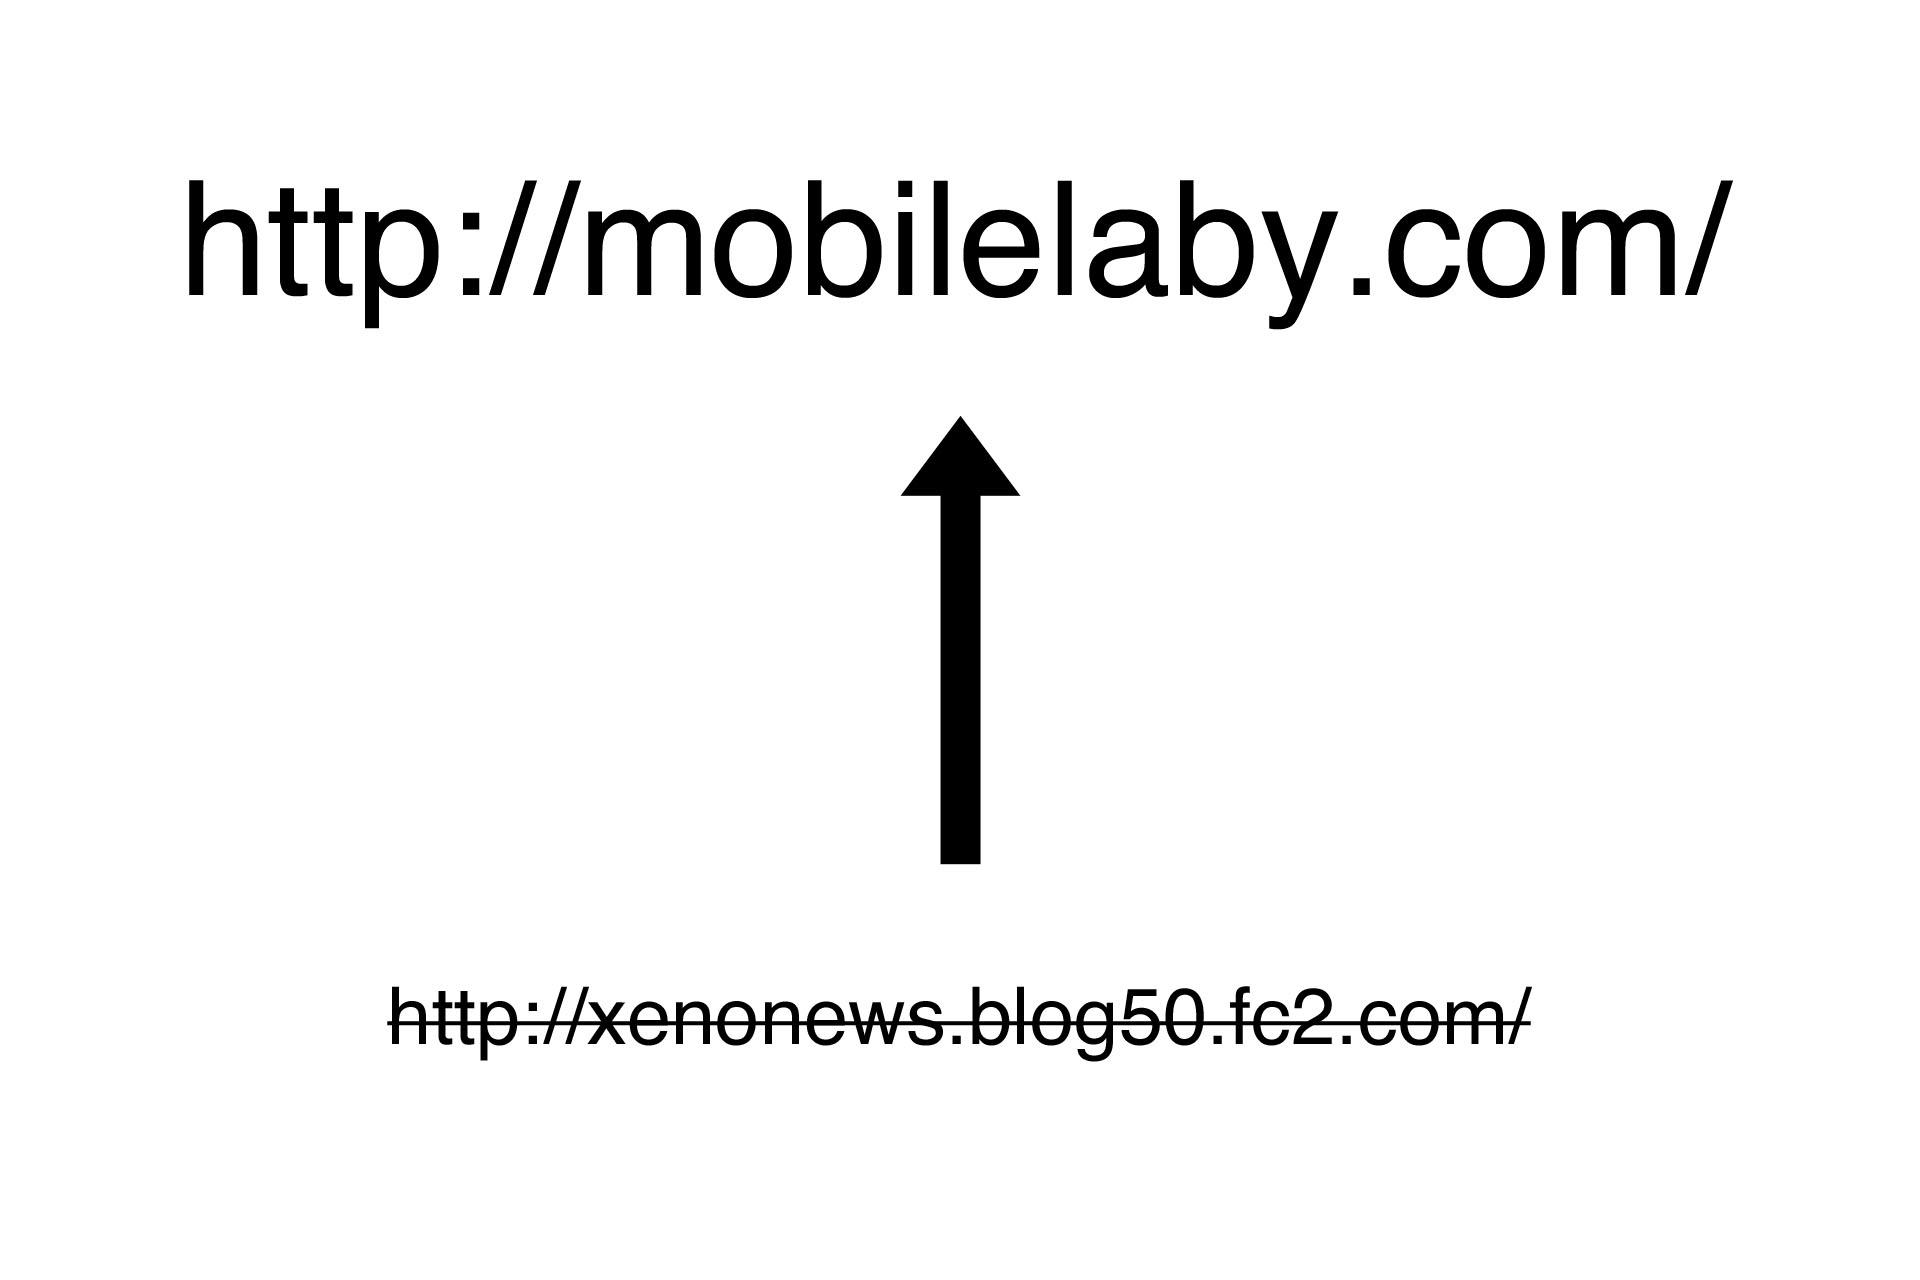 携帯総合研究所の「mobilelaby.com」への移転作業が完了しました!